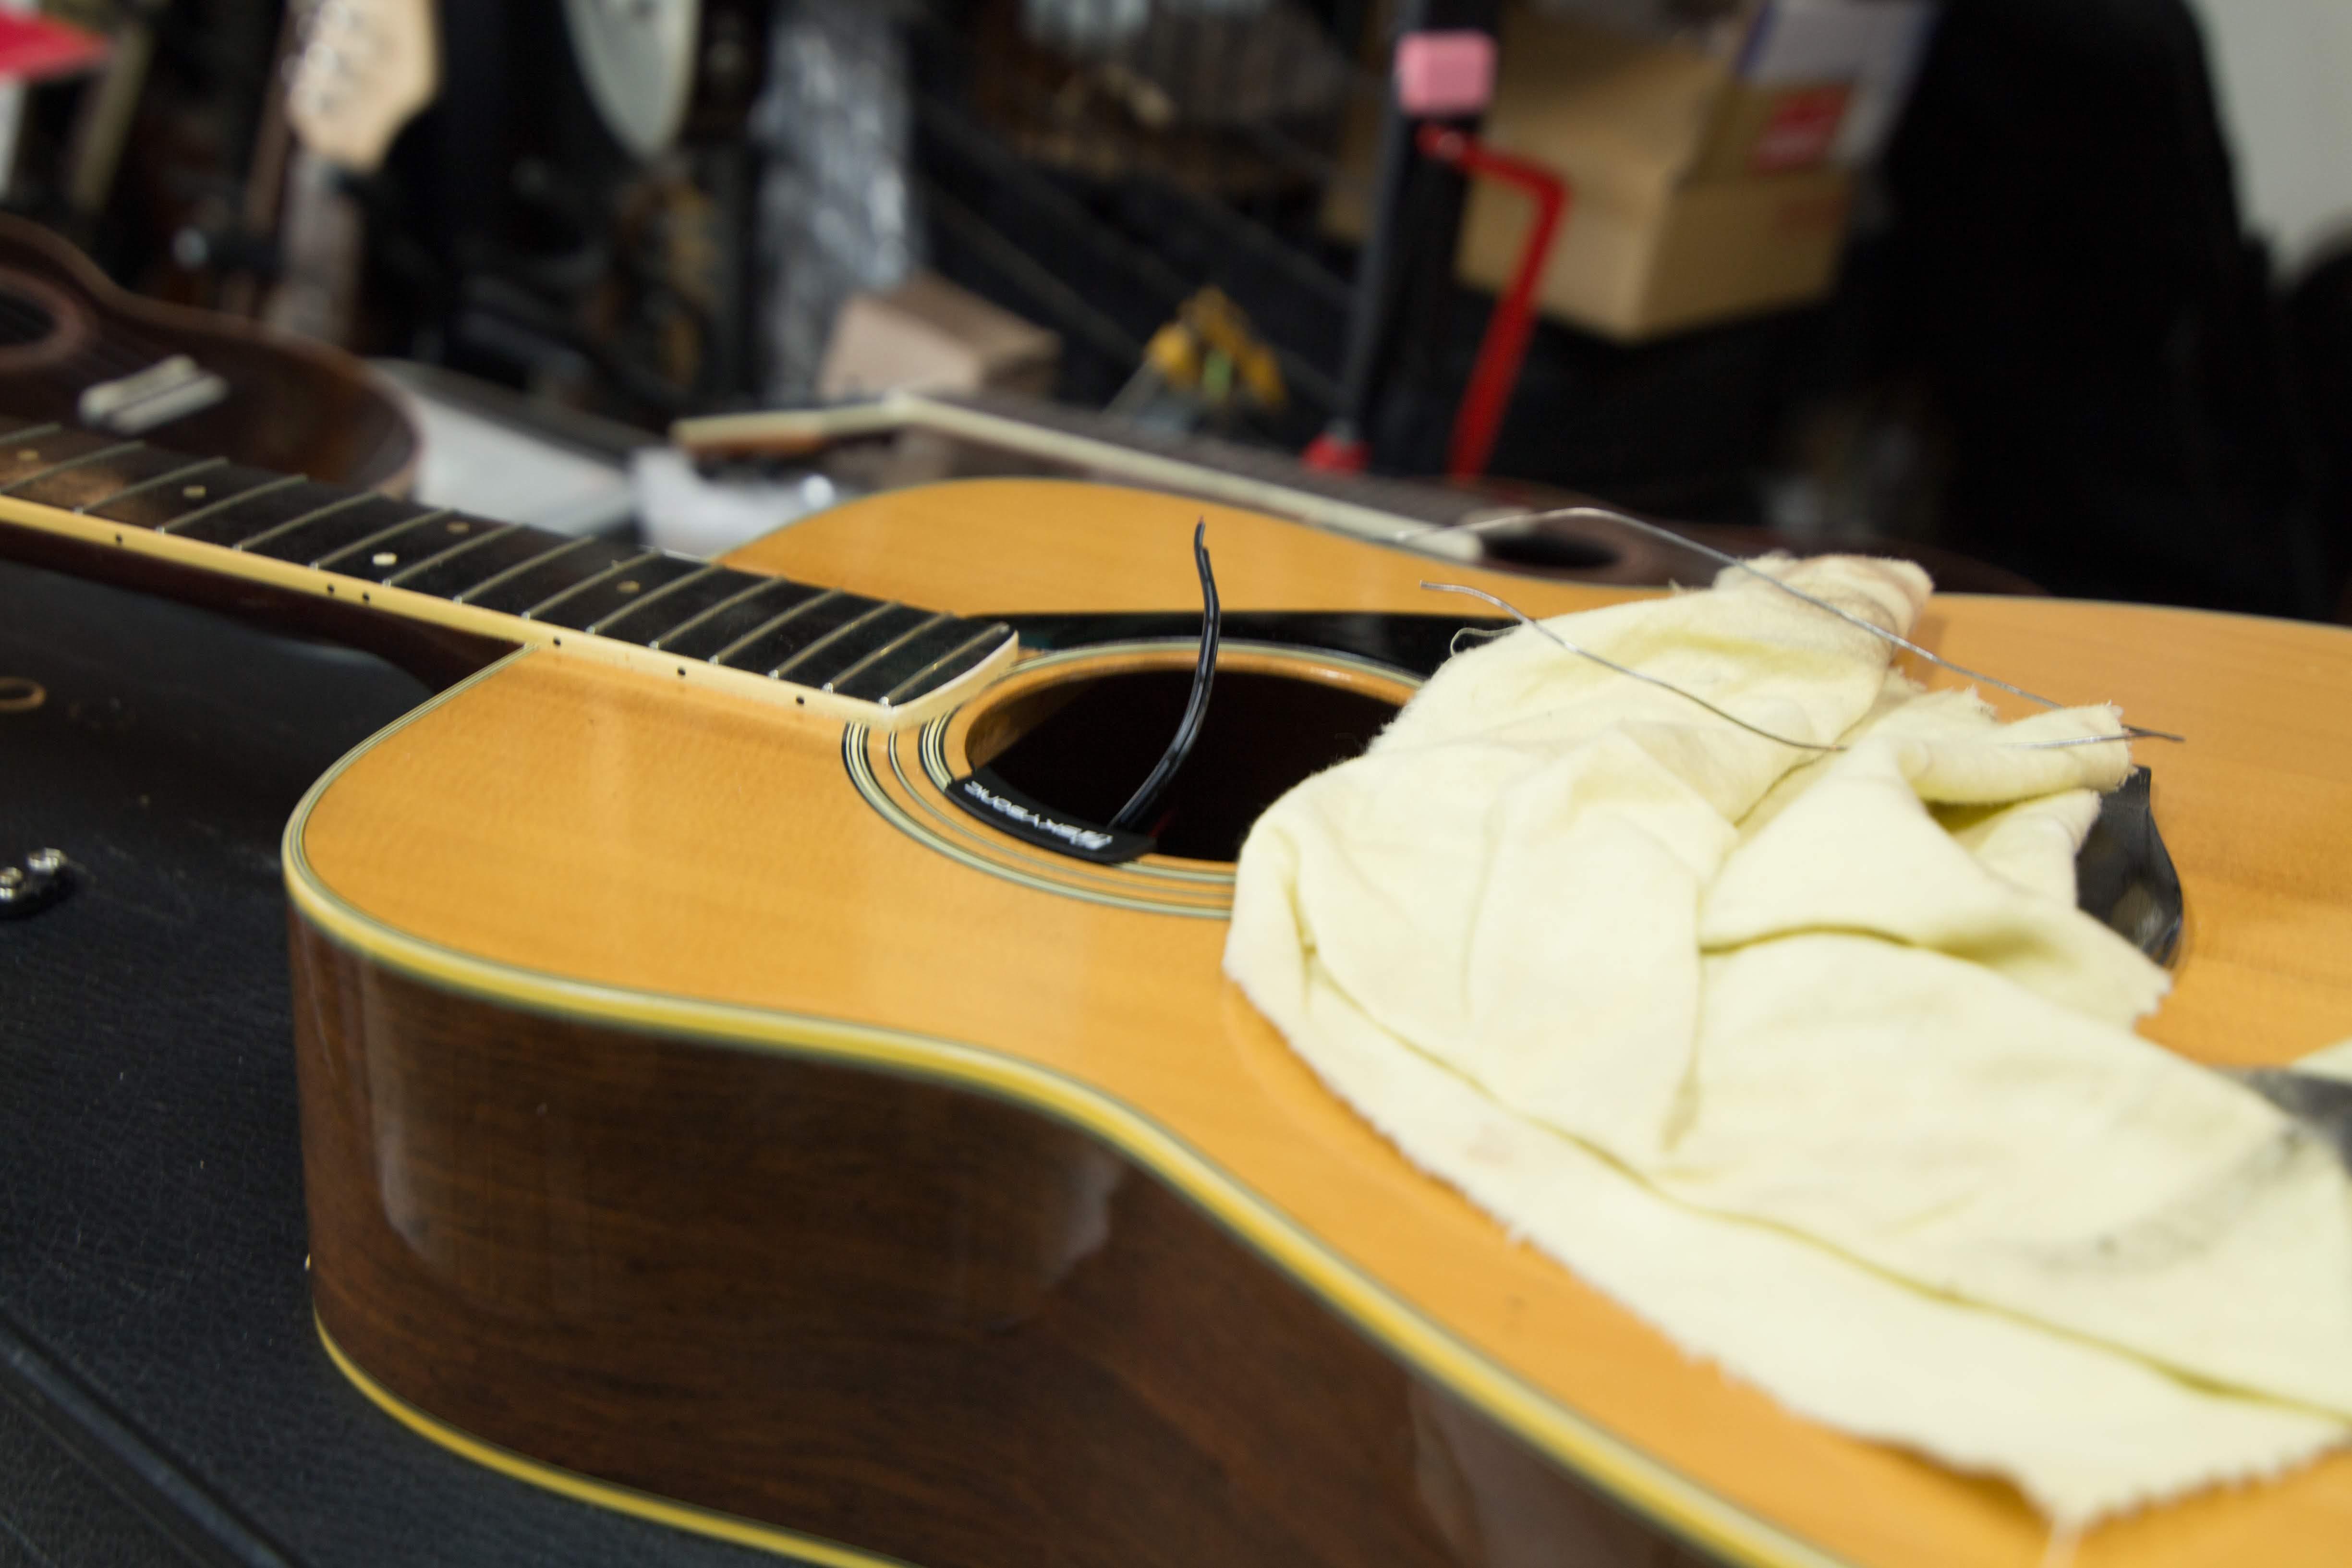 アコギ ピックアップ取り付け相談 アコースティックギター ピックアップ ご相談